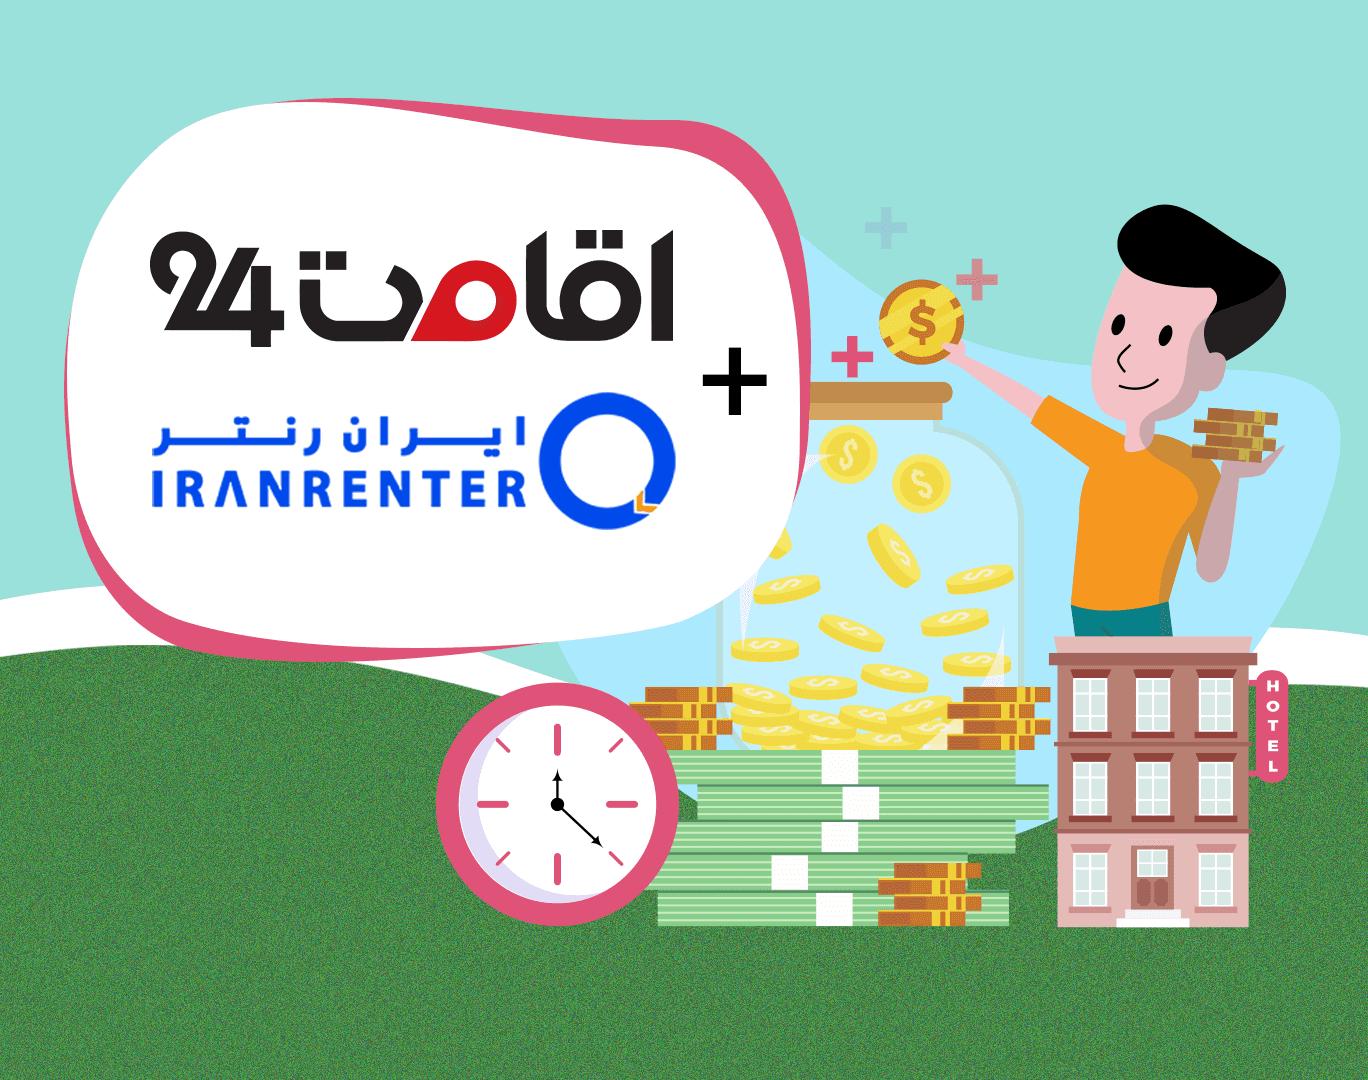 رزرو هتل اقساطی، خدمت جدیدی از اقامت 24 با همکاری ایران رنتر